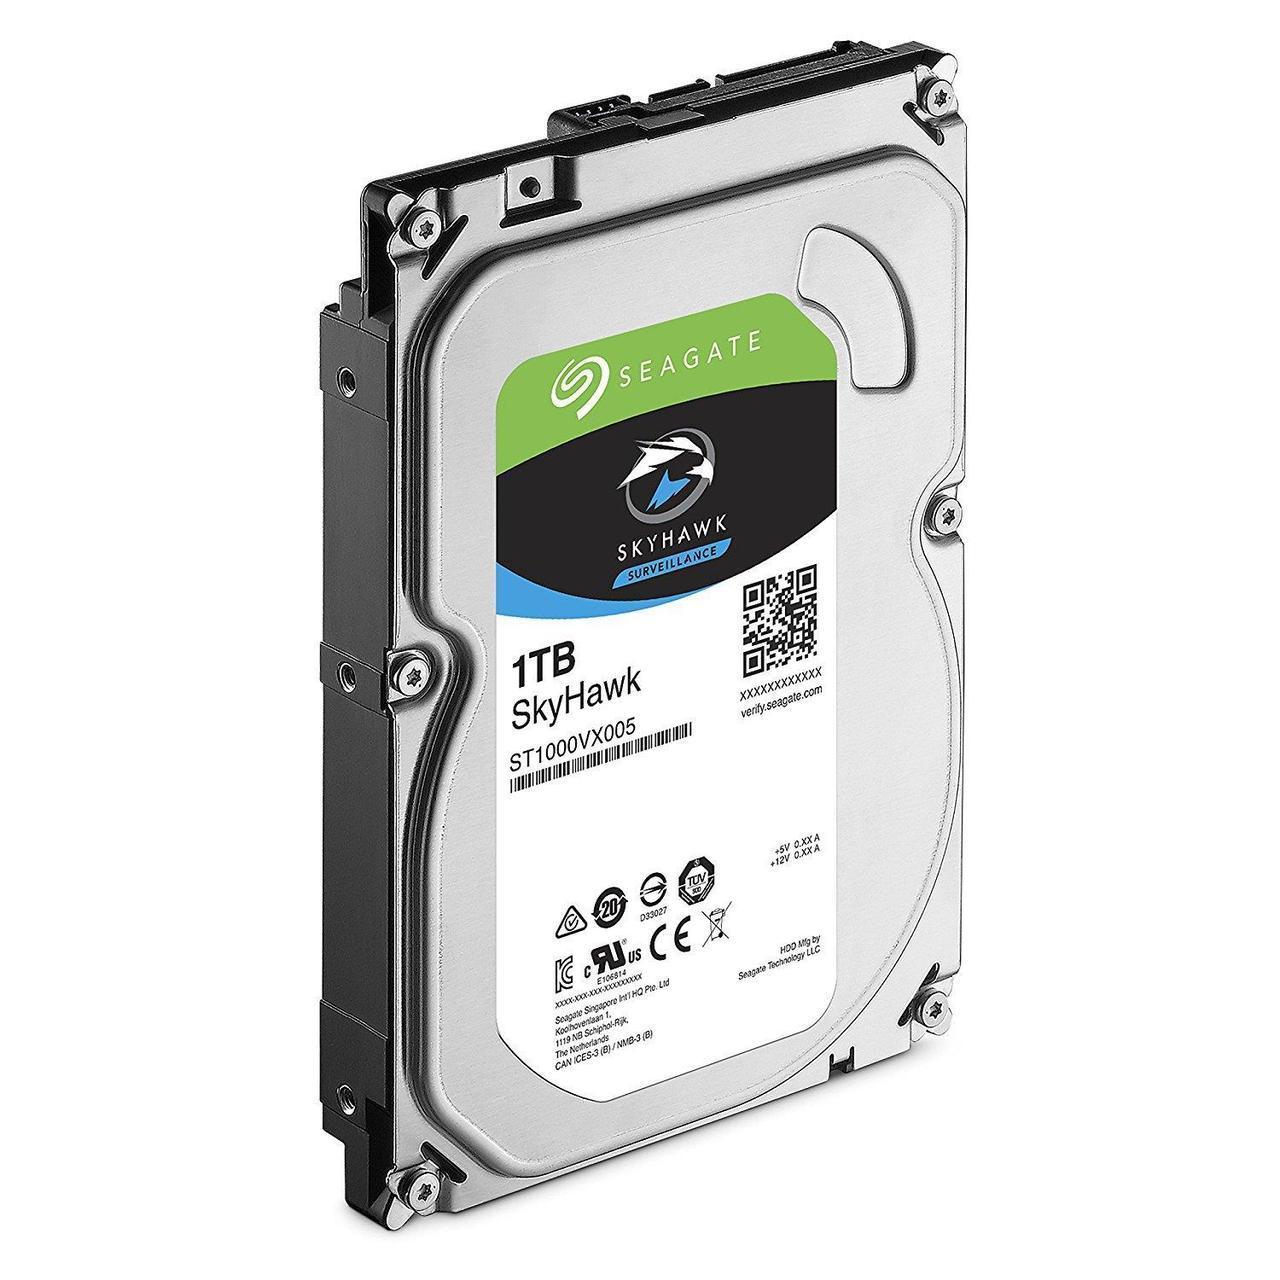 """Жесткий диск для видеонаблюдения 1Tb Seagate SkyHawk SATA3 3.5"""" 64Mb ST1000VX005. Диски выдерживают высокие рабочие нагрузки, отличаются низким"""